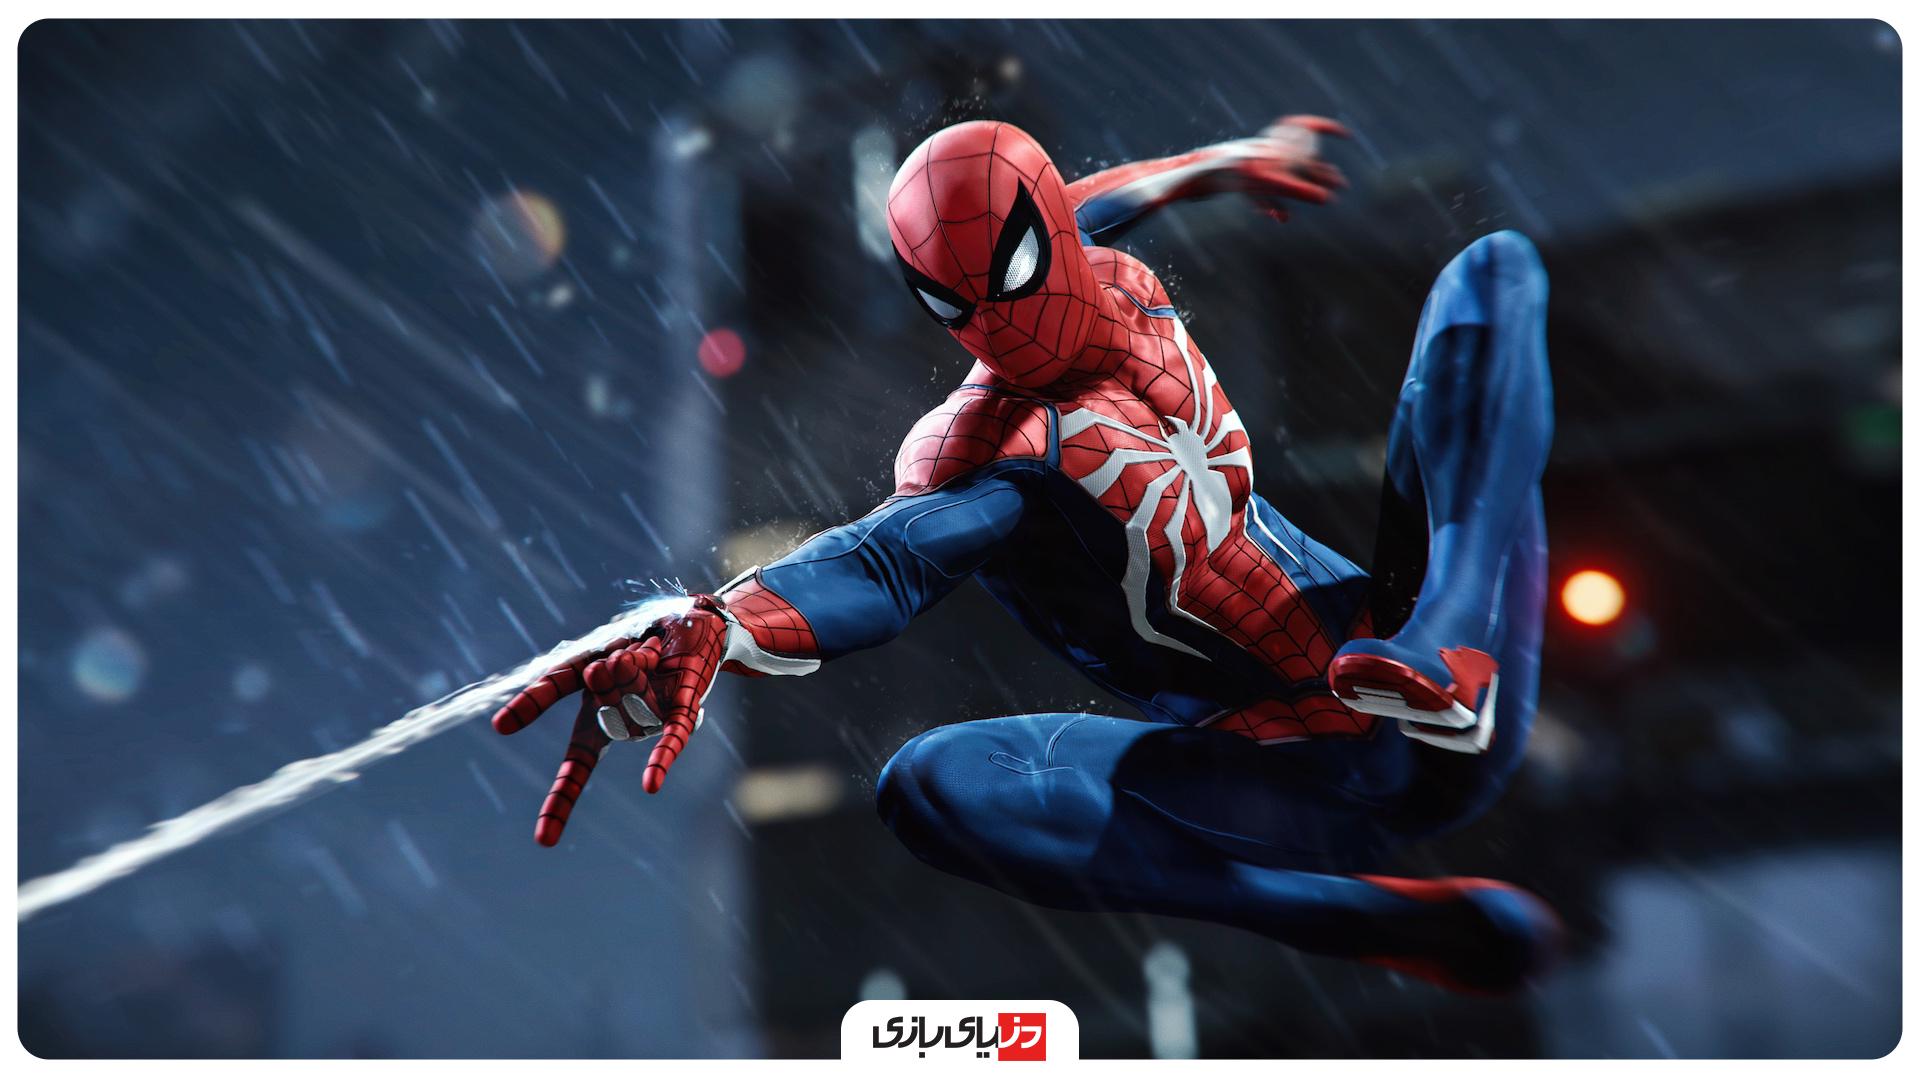 بازی های انحصاری ps4 - برترین بازی های انحصاری PS4